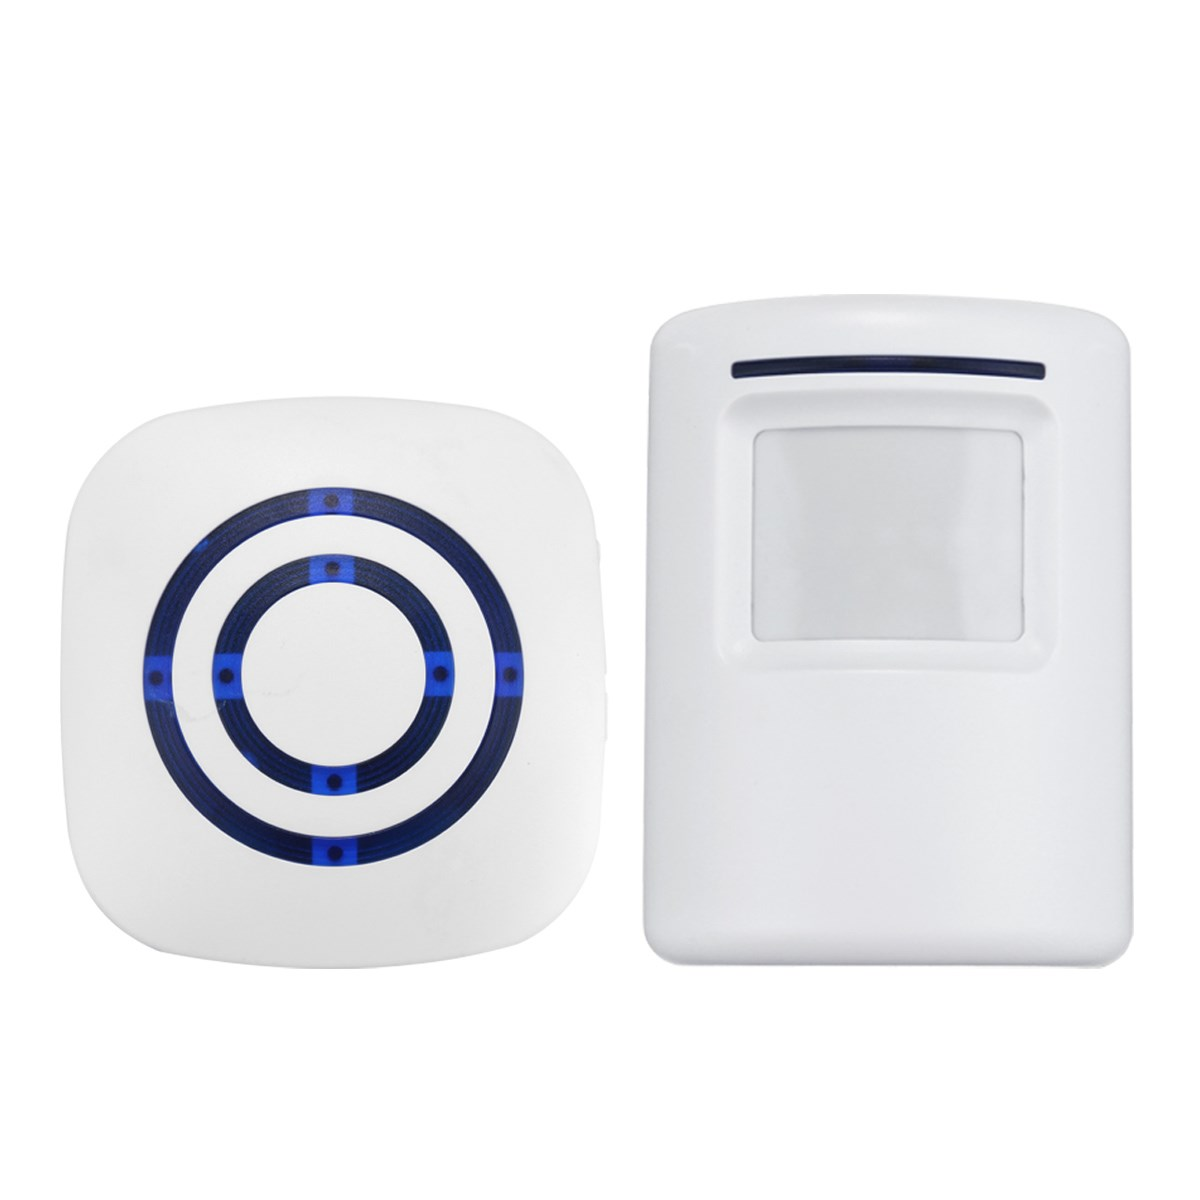 Safurance Wireless Sensore di Movimento Rilevatore Porta Ingresso Porta Campana Benvenuto Allarme Chime Allarme Home Automation Home Security